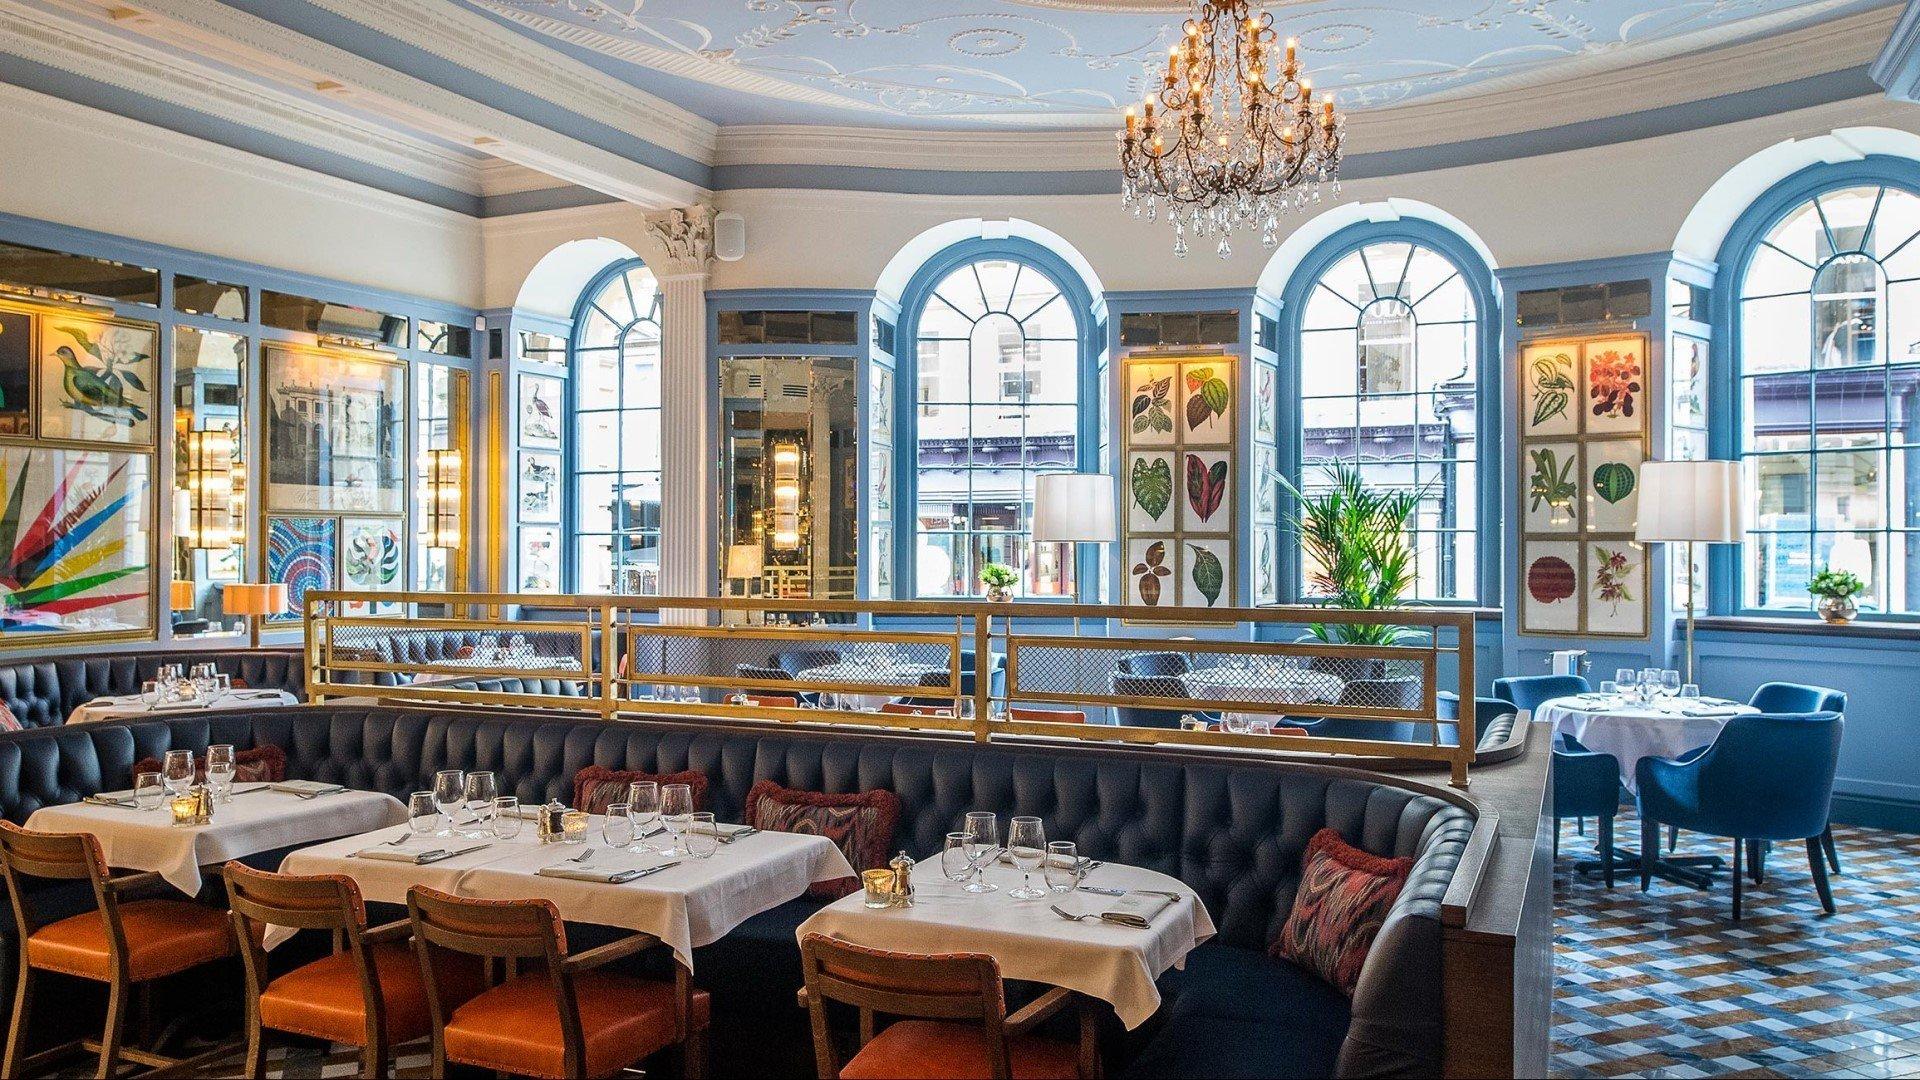 The Ivy Bath Brasserie Interior